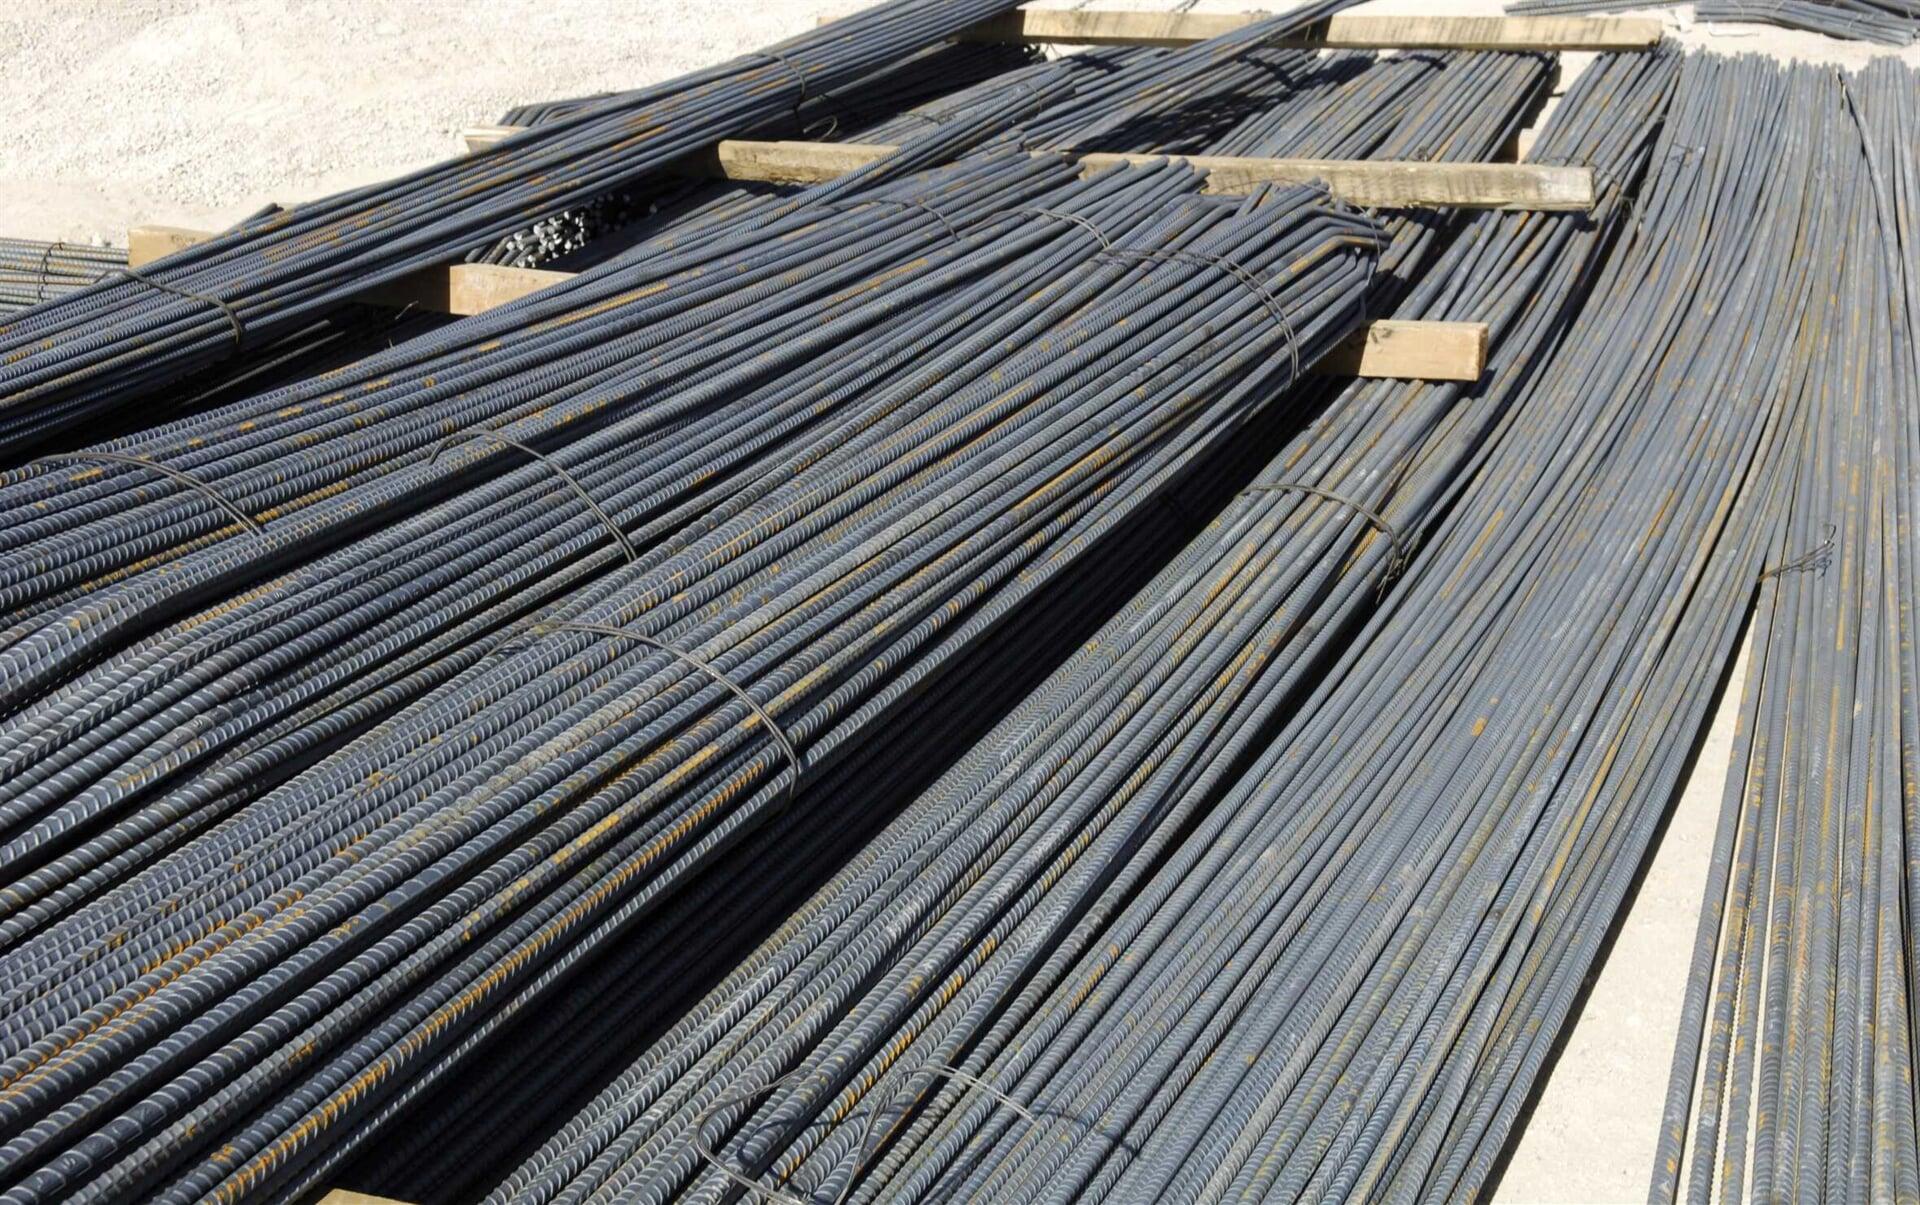 MATERIALES PARA CONSTRUCCIÓN GARCIA - Herramientas y materiales para construcción